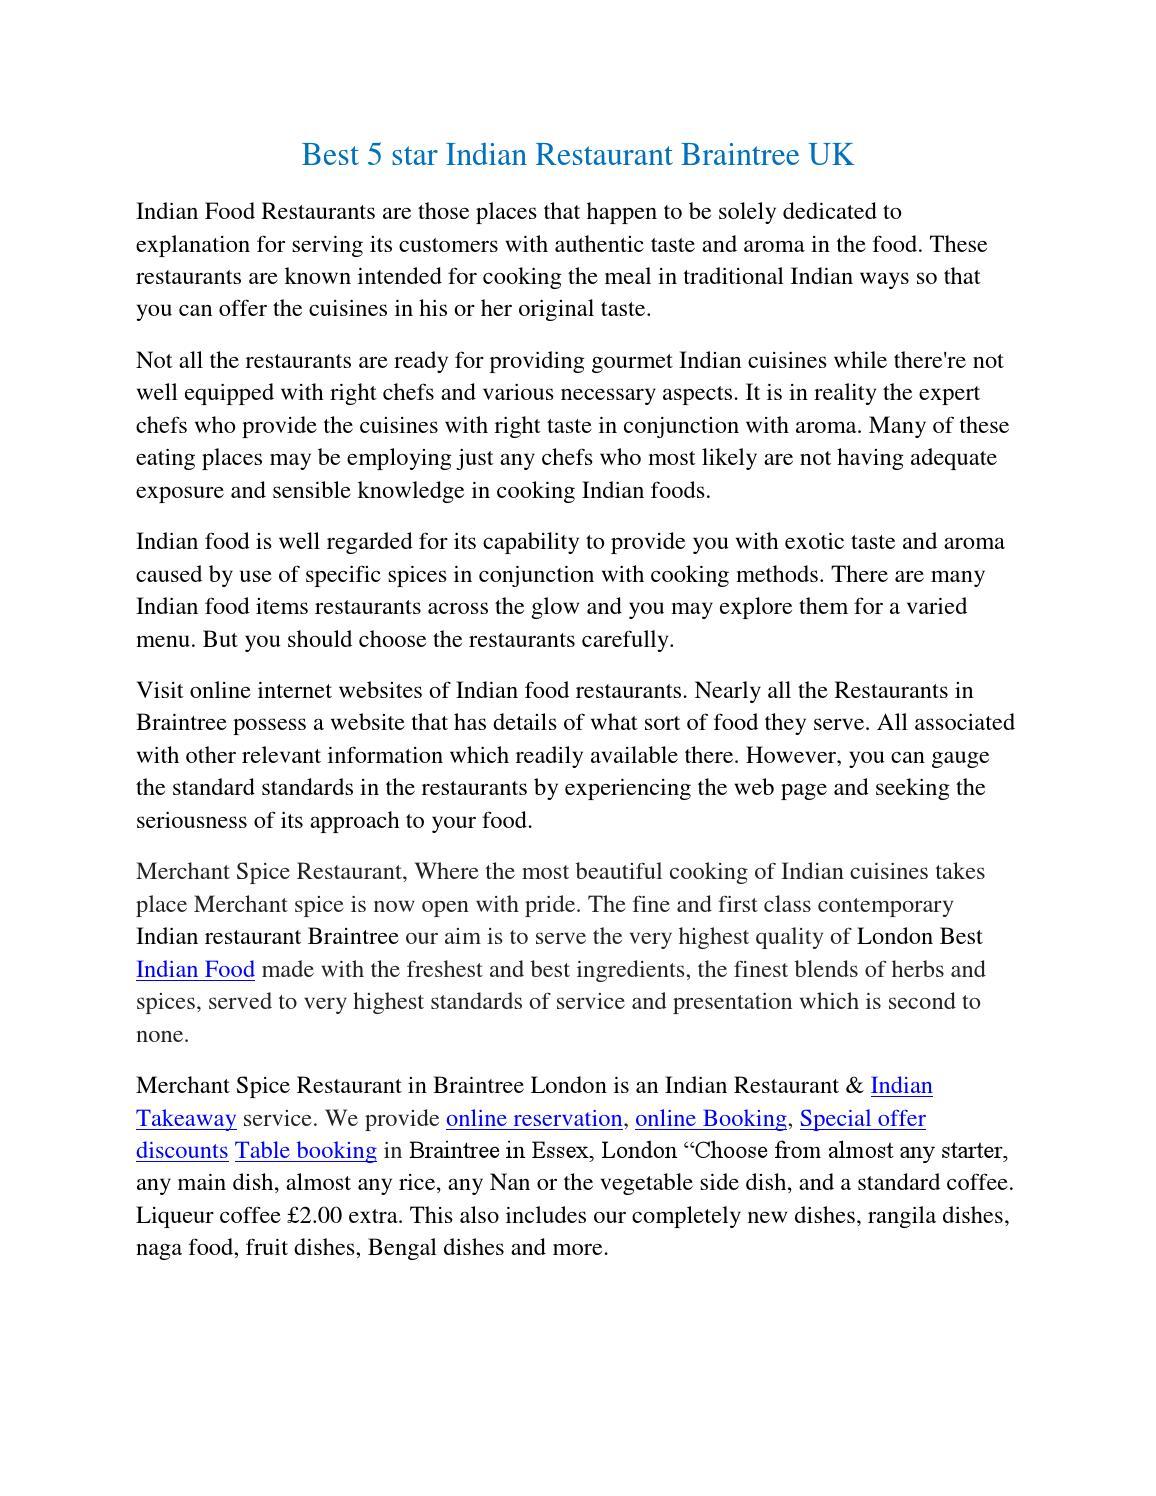 Best 5 star Indian Restaurant Braintree UK by Merchantspice